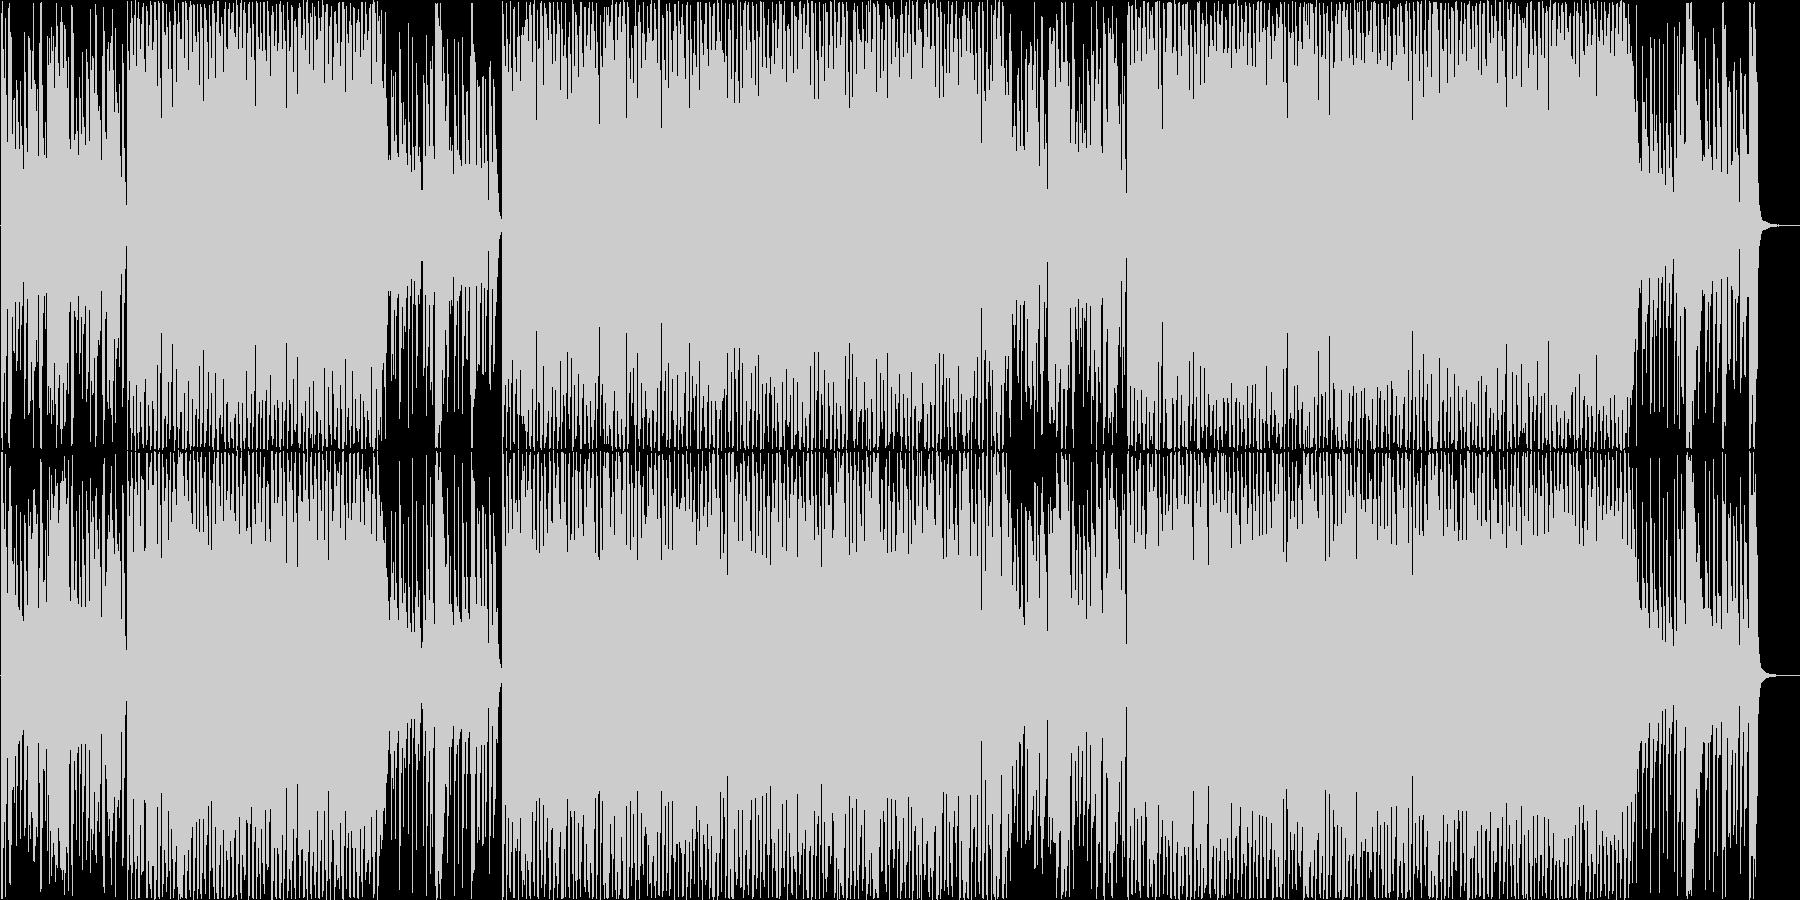 ポップでロックな明るいBGM♪の未再生の波形